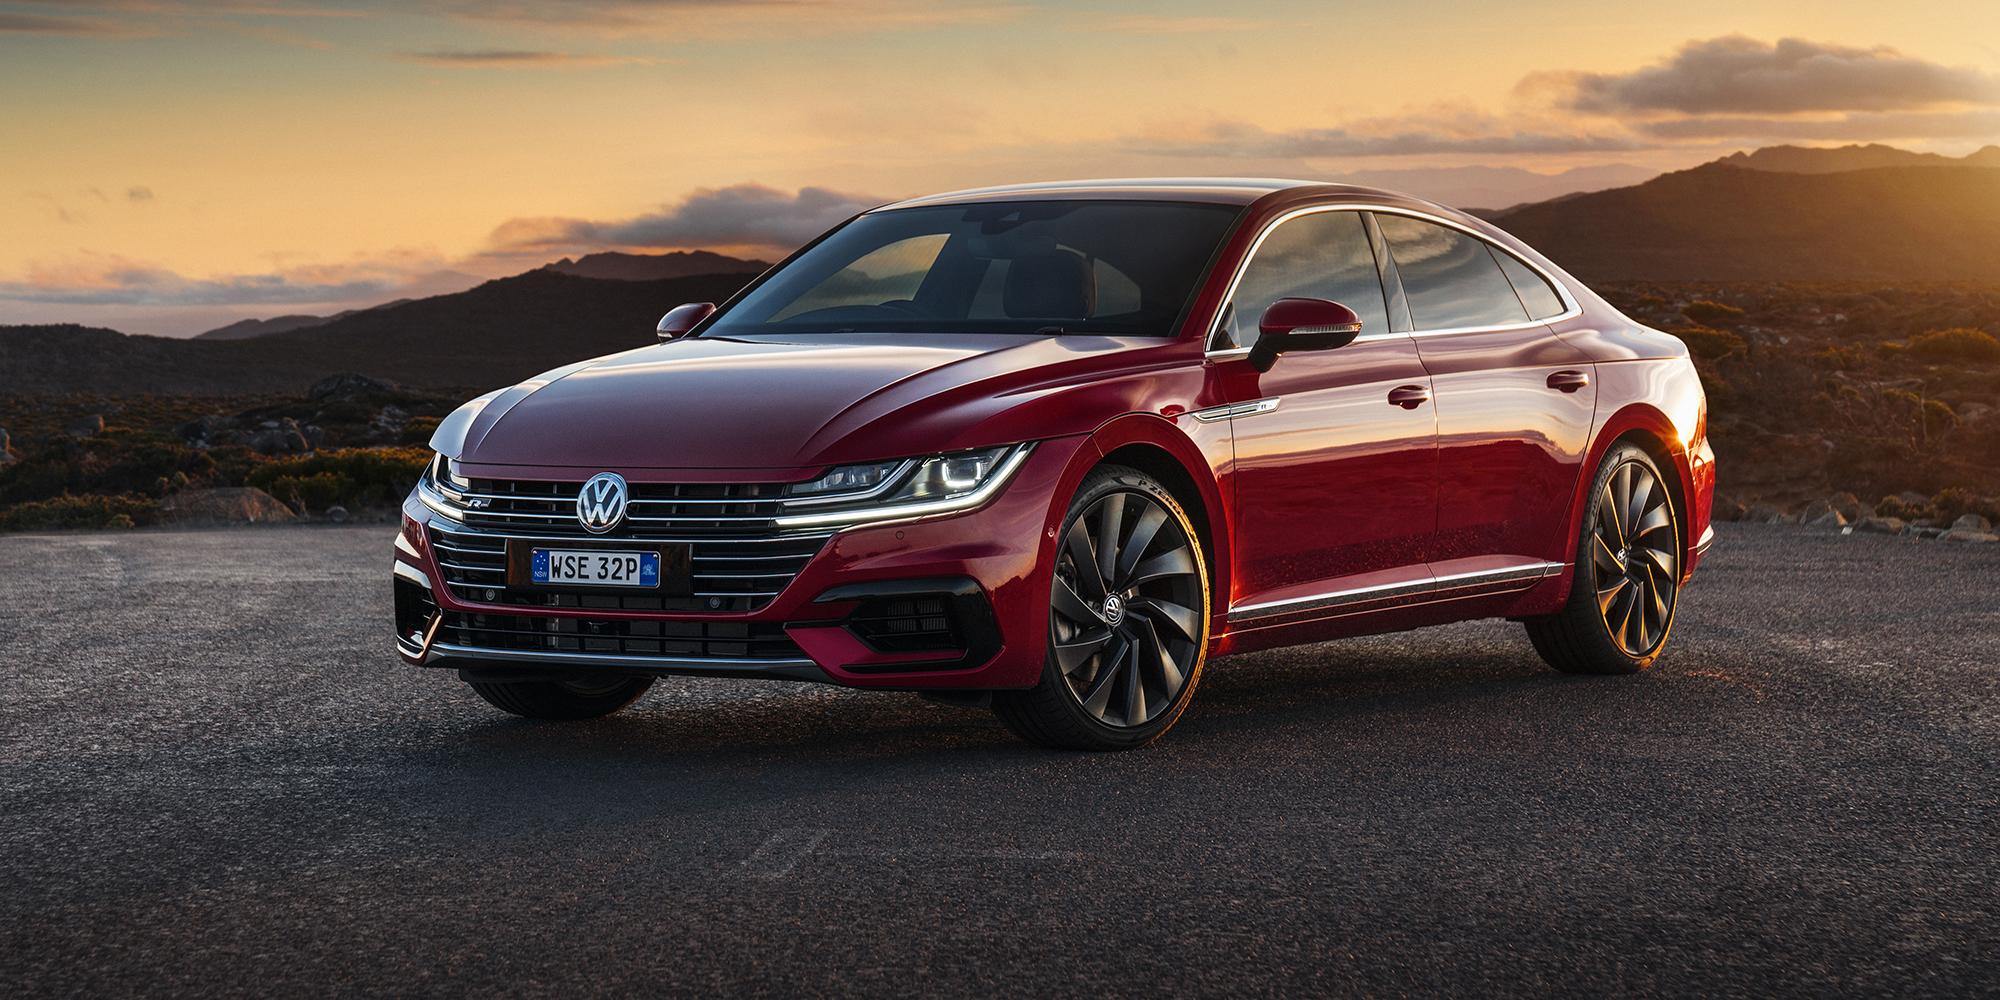 2018 Volkswagen Arteon pricing and specs - Photos